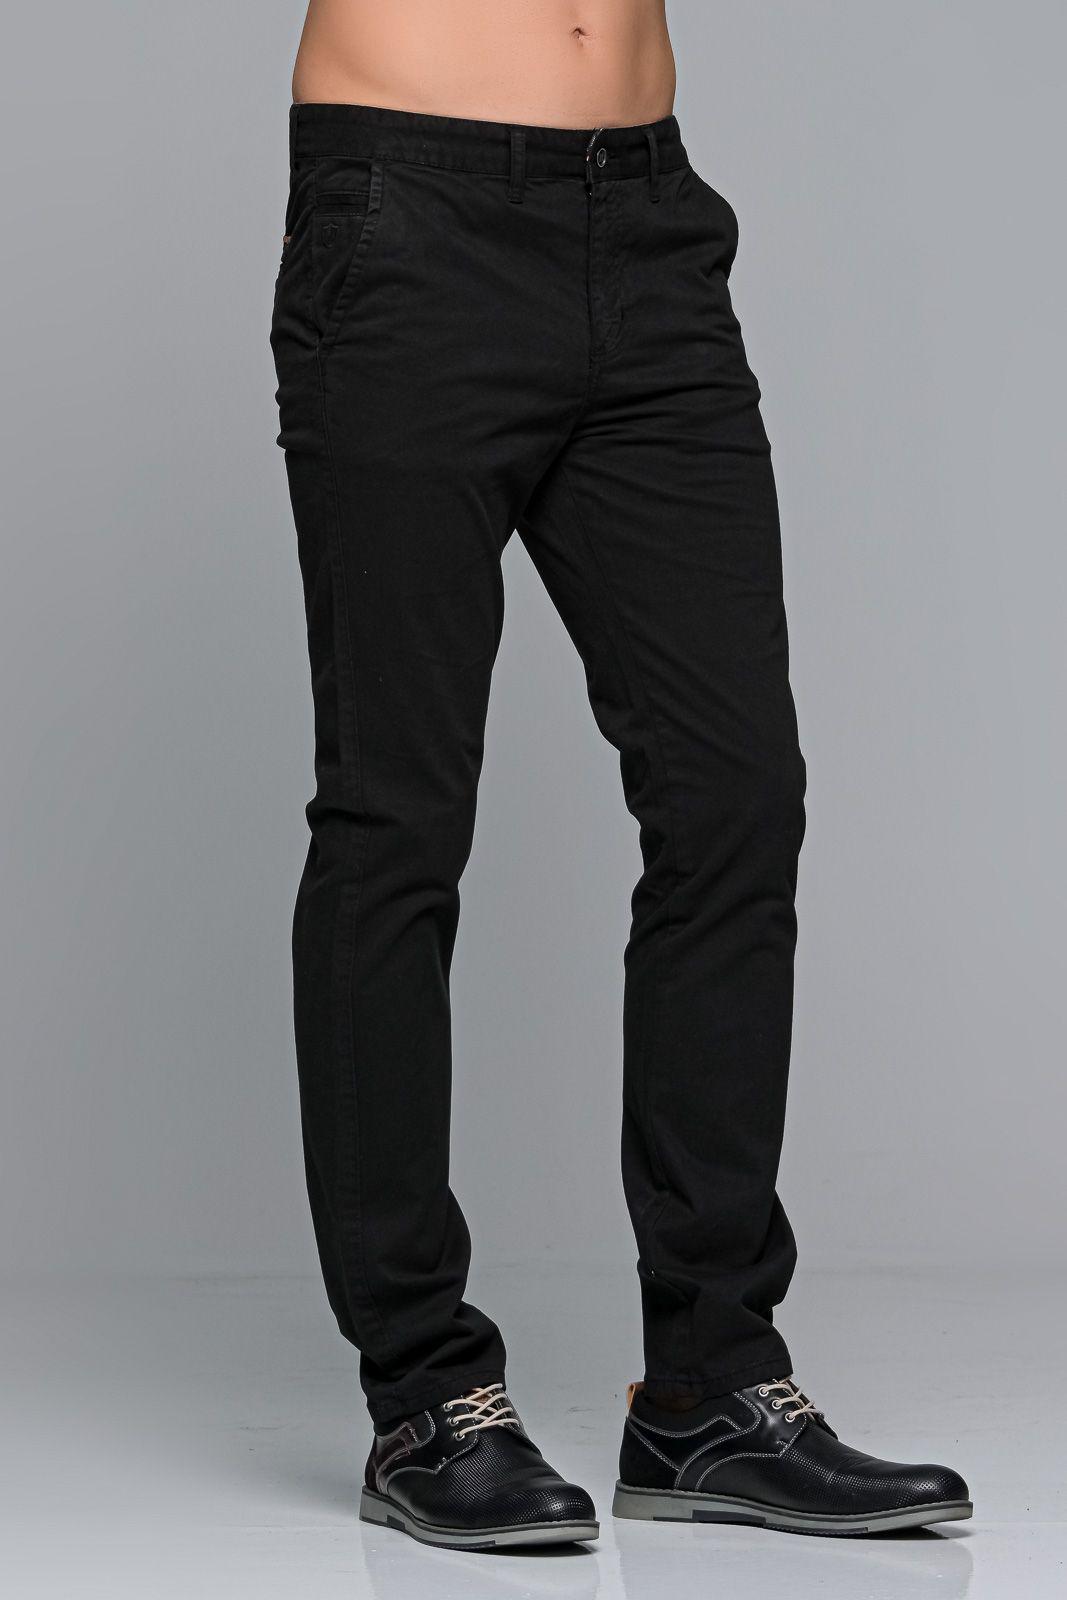 Μαύρο ανδρικό παντελόνι chino υφασμάτινο MASSARO - Slim fit